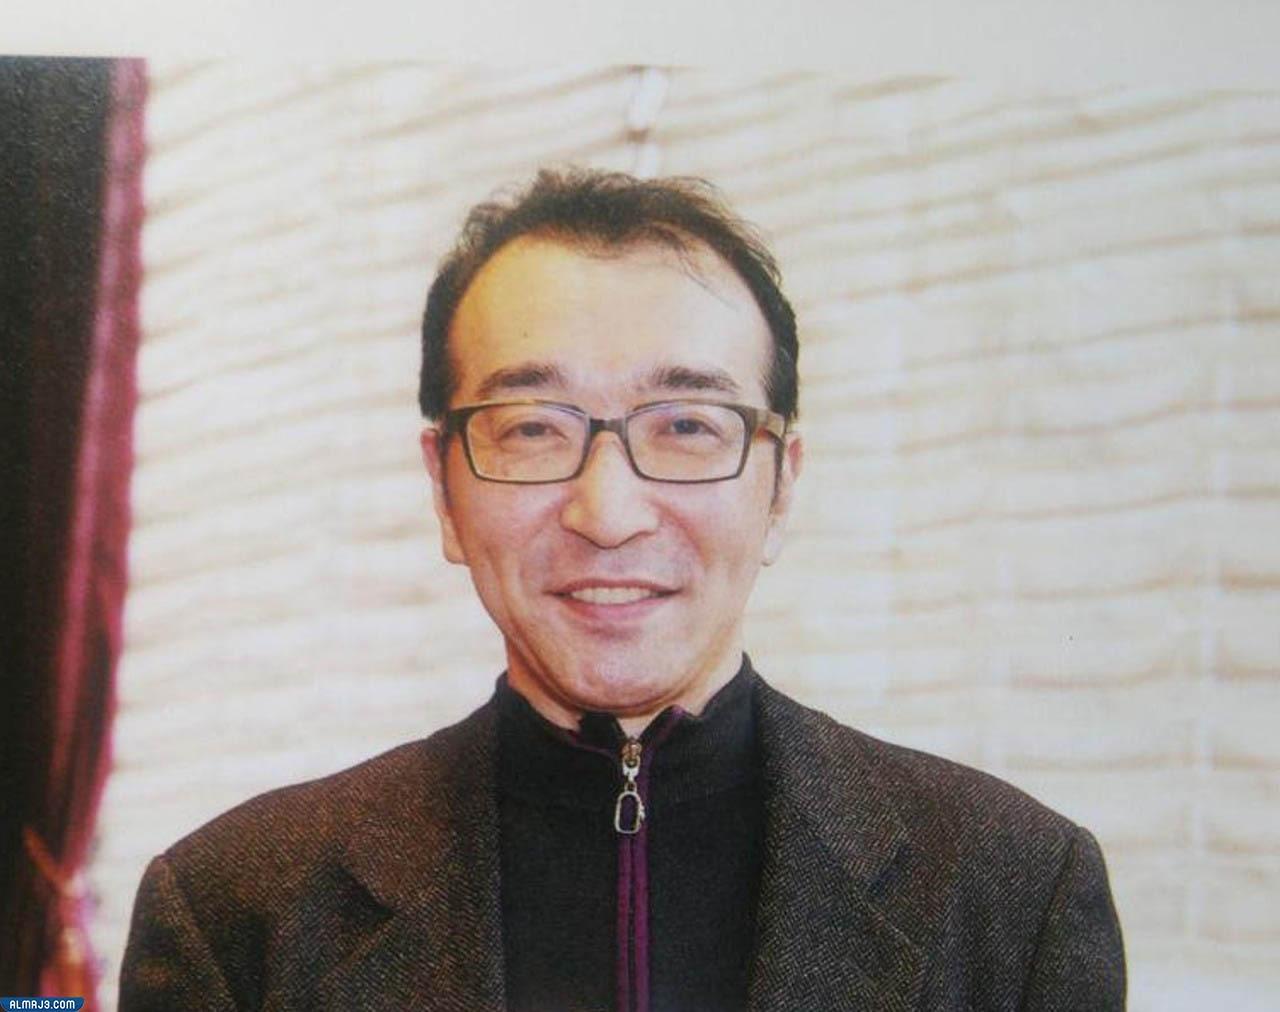 المركز السادس يوشيهيرو توغاشي